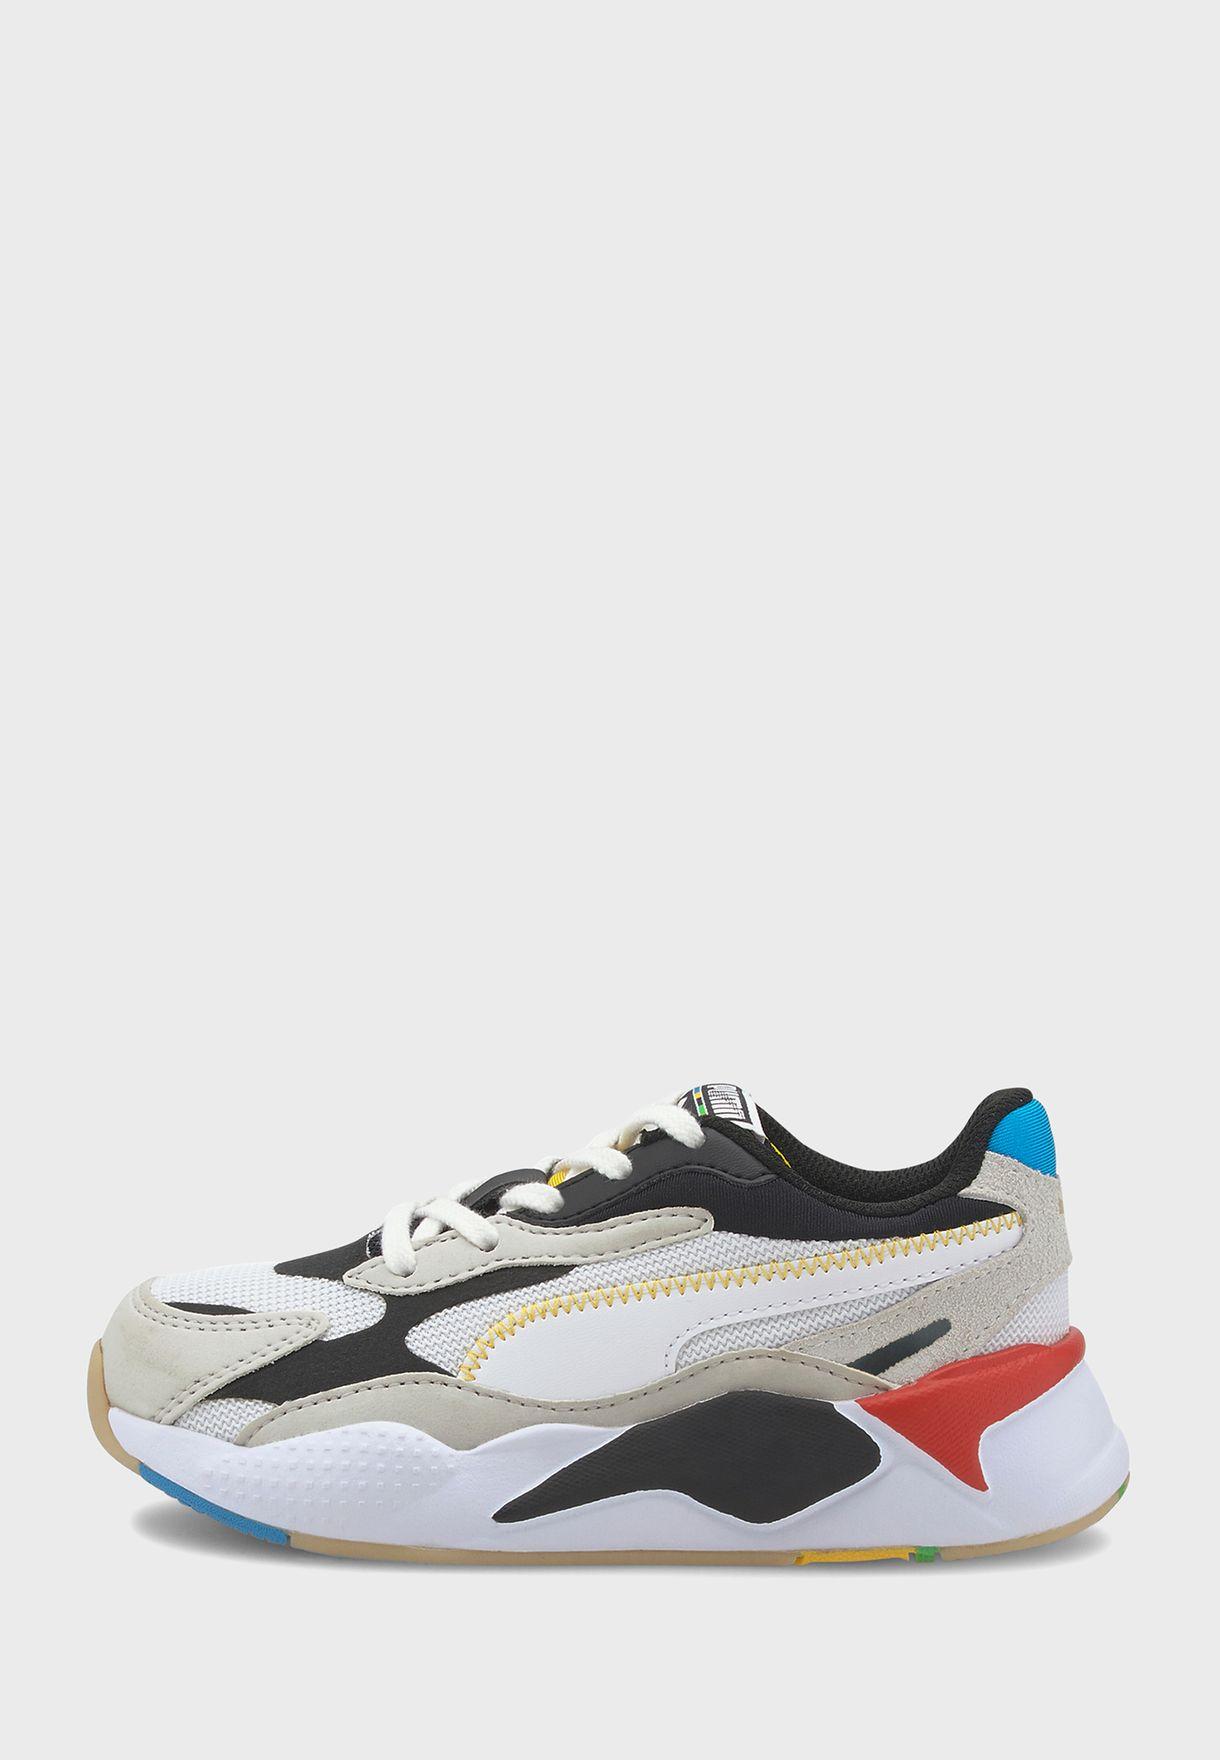 حذاء من مجموعة  ار اس - اكس ايه³